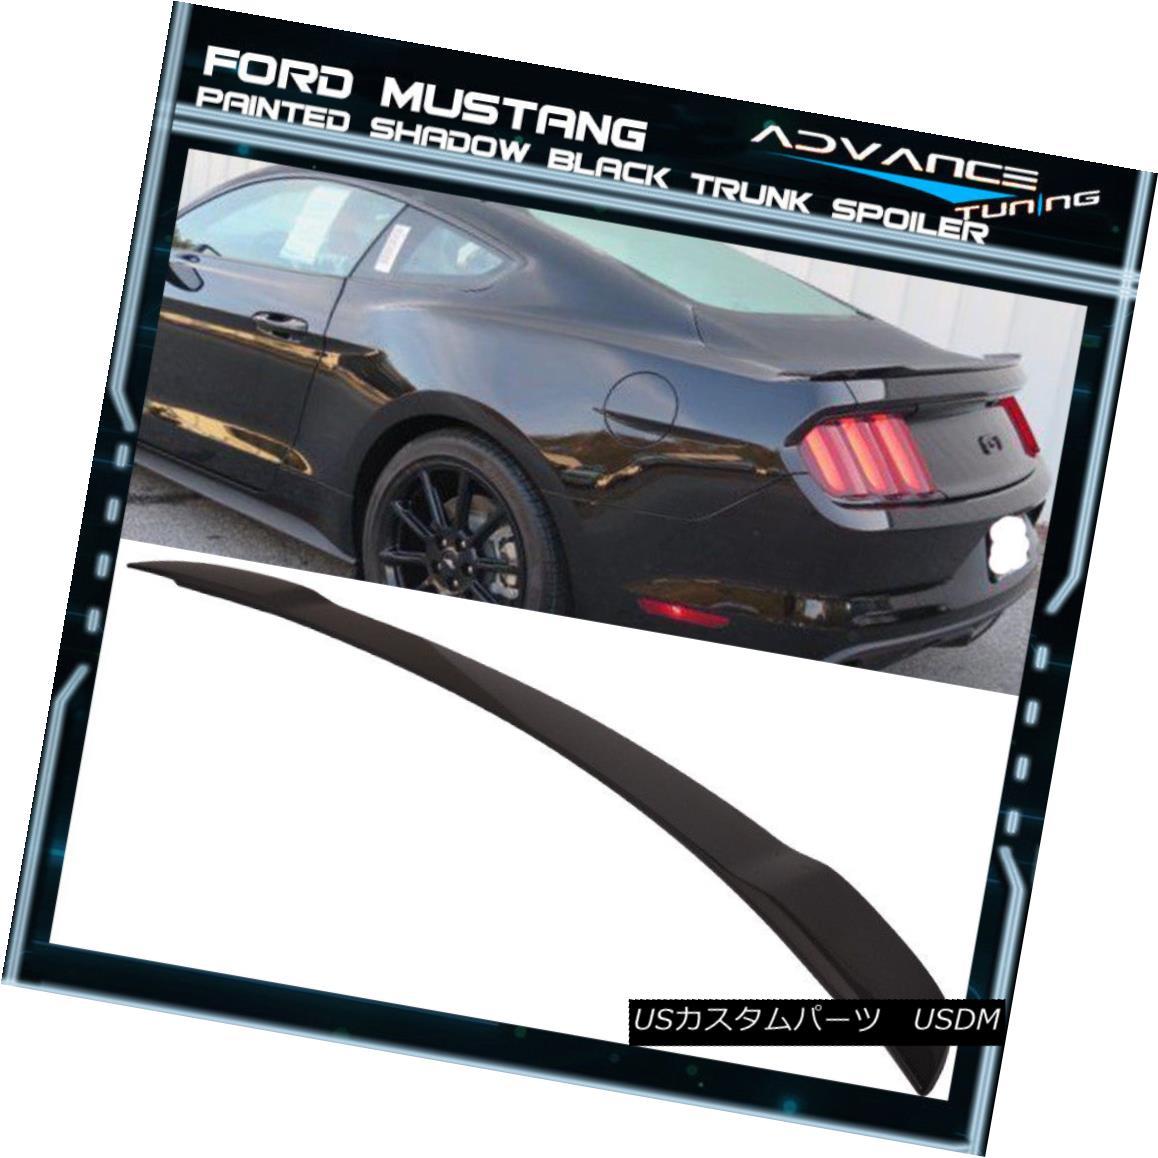 エアロパーツ 15-18 Ford Mustang GT Factory Trunk Spoiler OEM Painted Color Shadow Black 15-18フォードマスタングGT工場トランクスポイラーOEM塗装カラーシャドーブラック